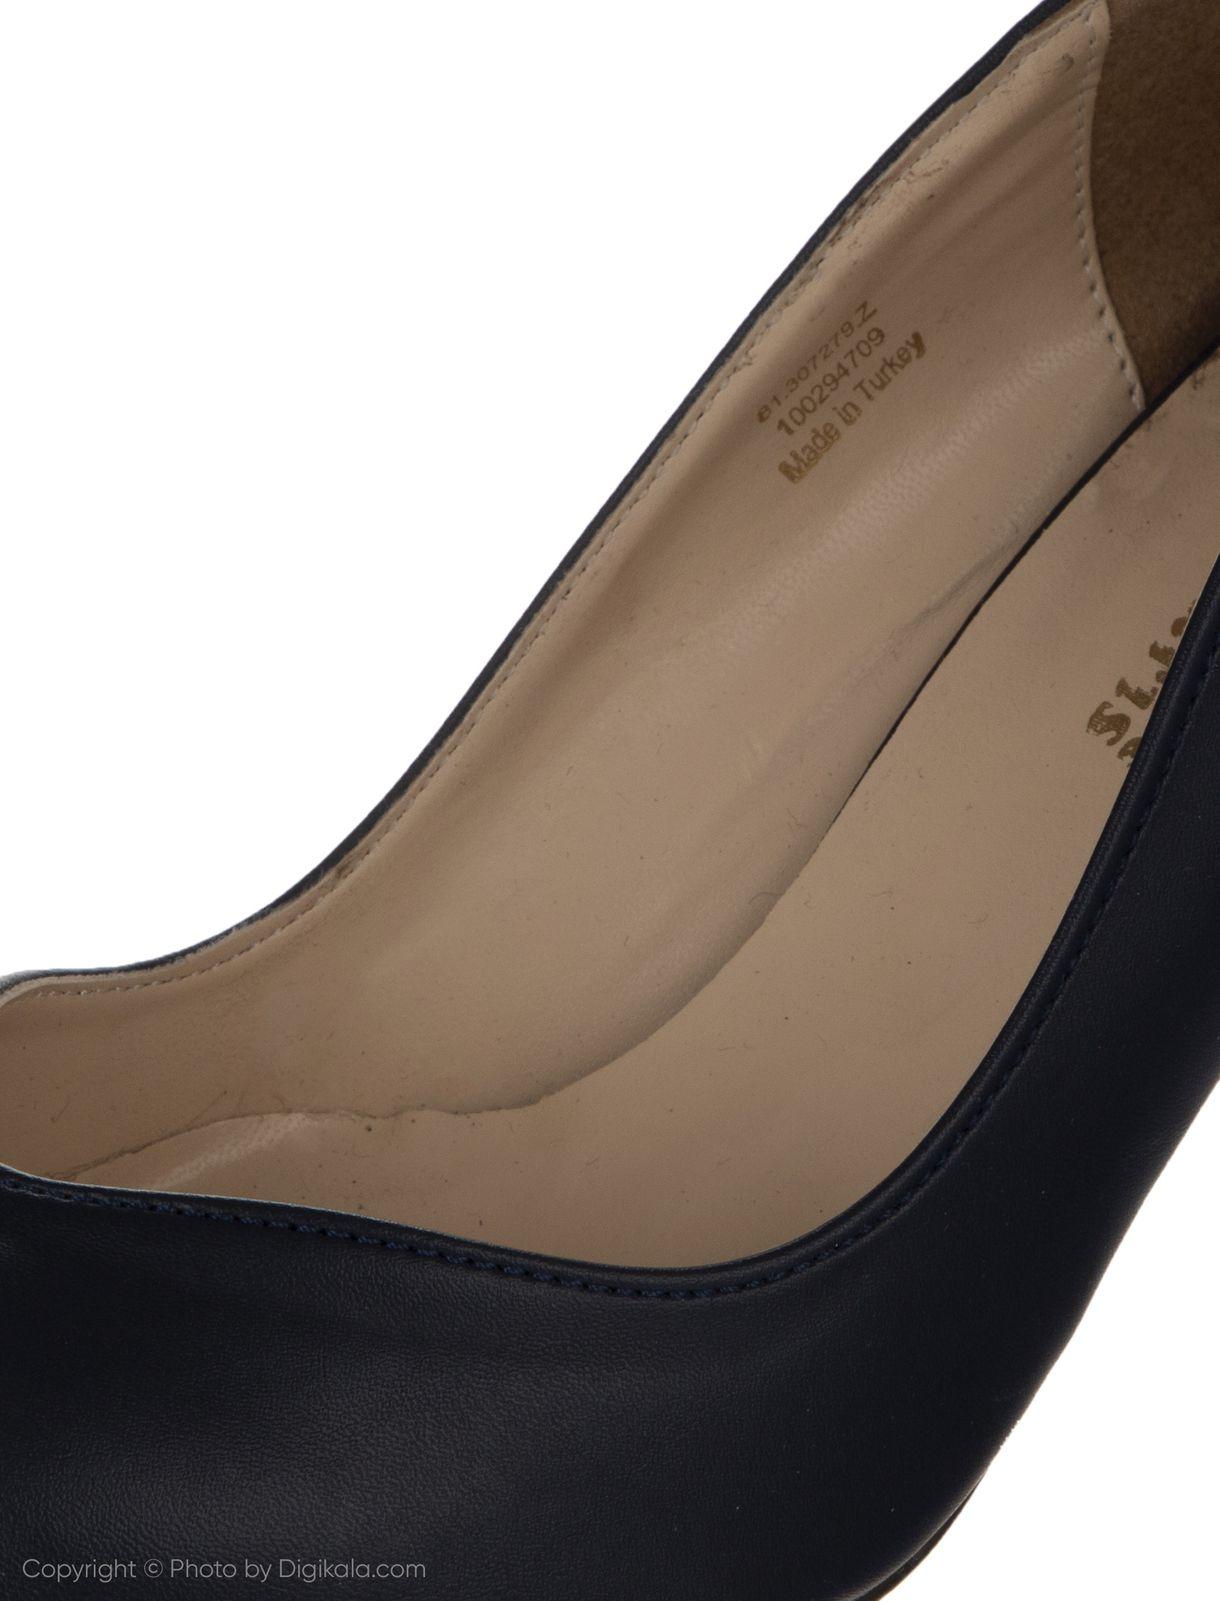 کفش زنانه پولاریس مدل 100294709-113 main 1 7